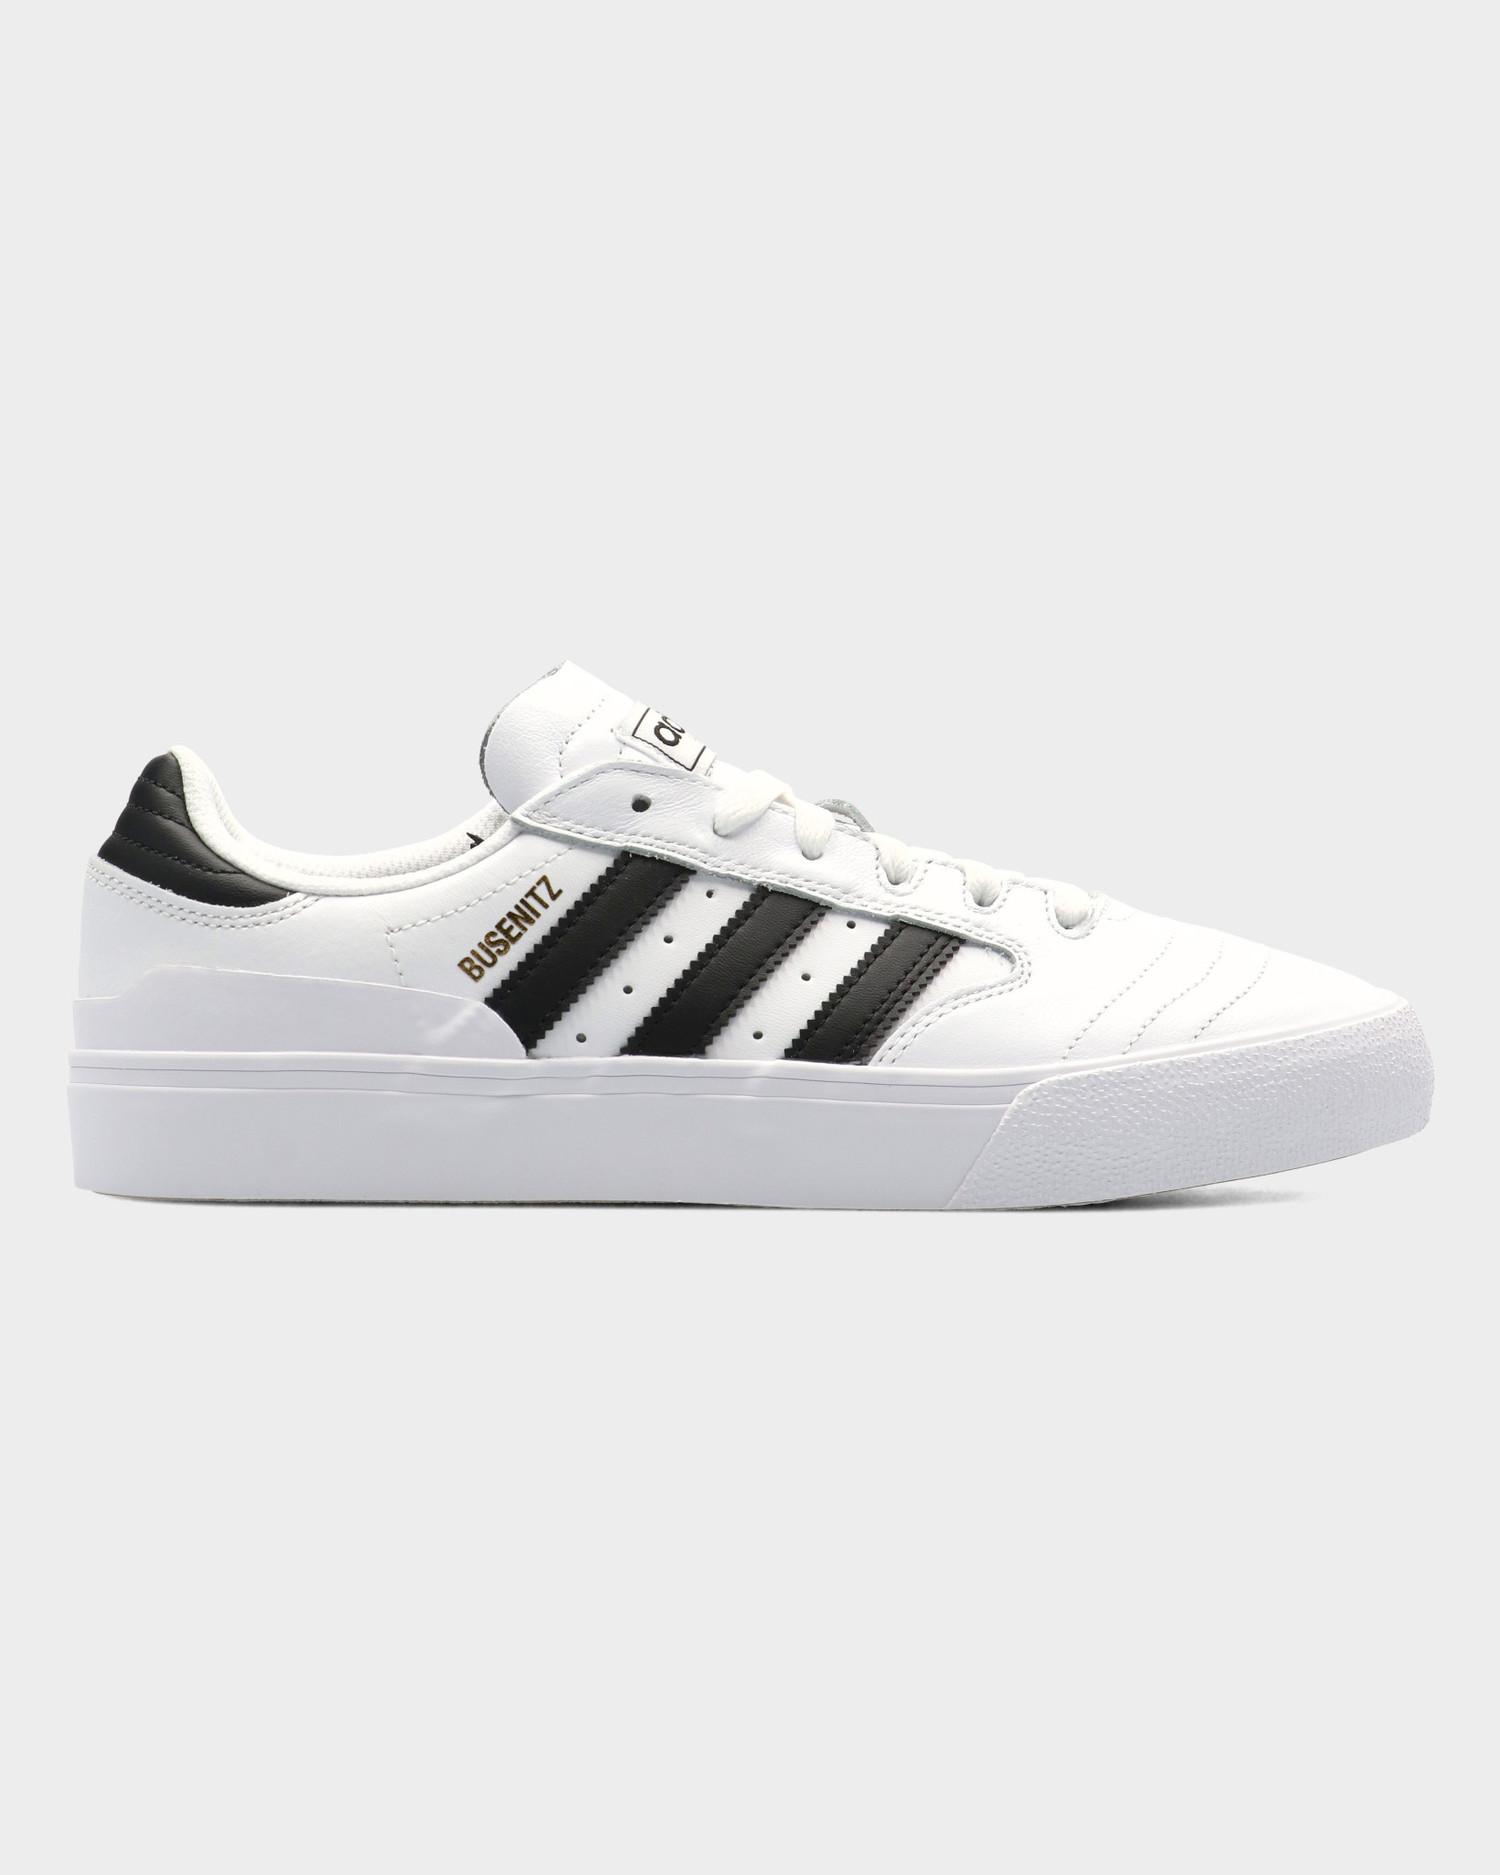 Adidas Busenitz Vulc II Footwear White/Core Black/Gold Metallic